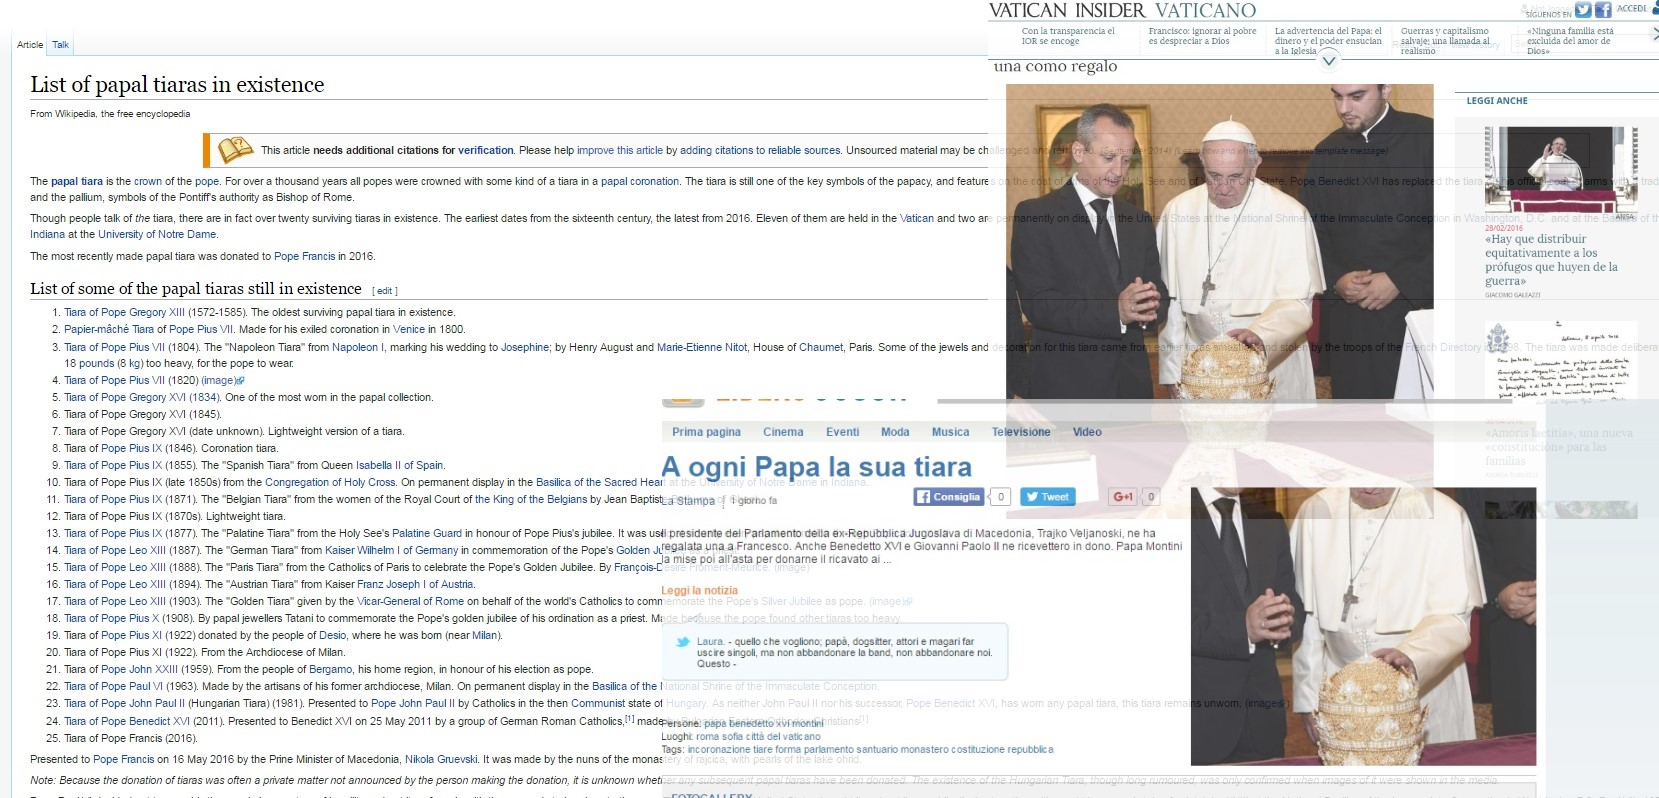 Митрата со охридски бисери главна вест во италијанските медиуми